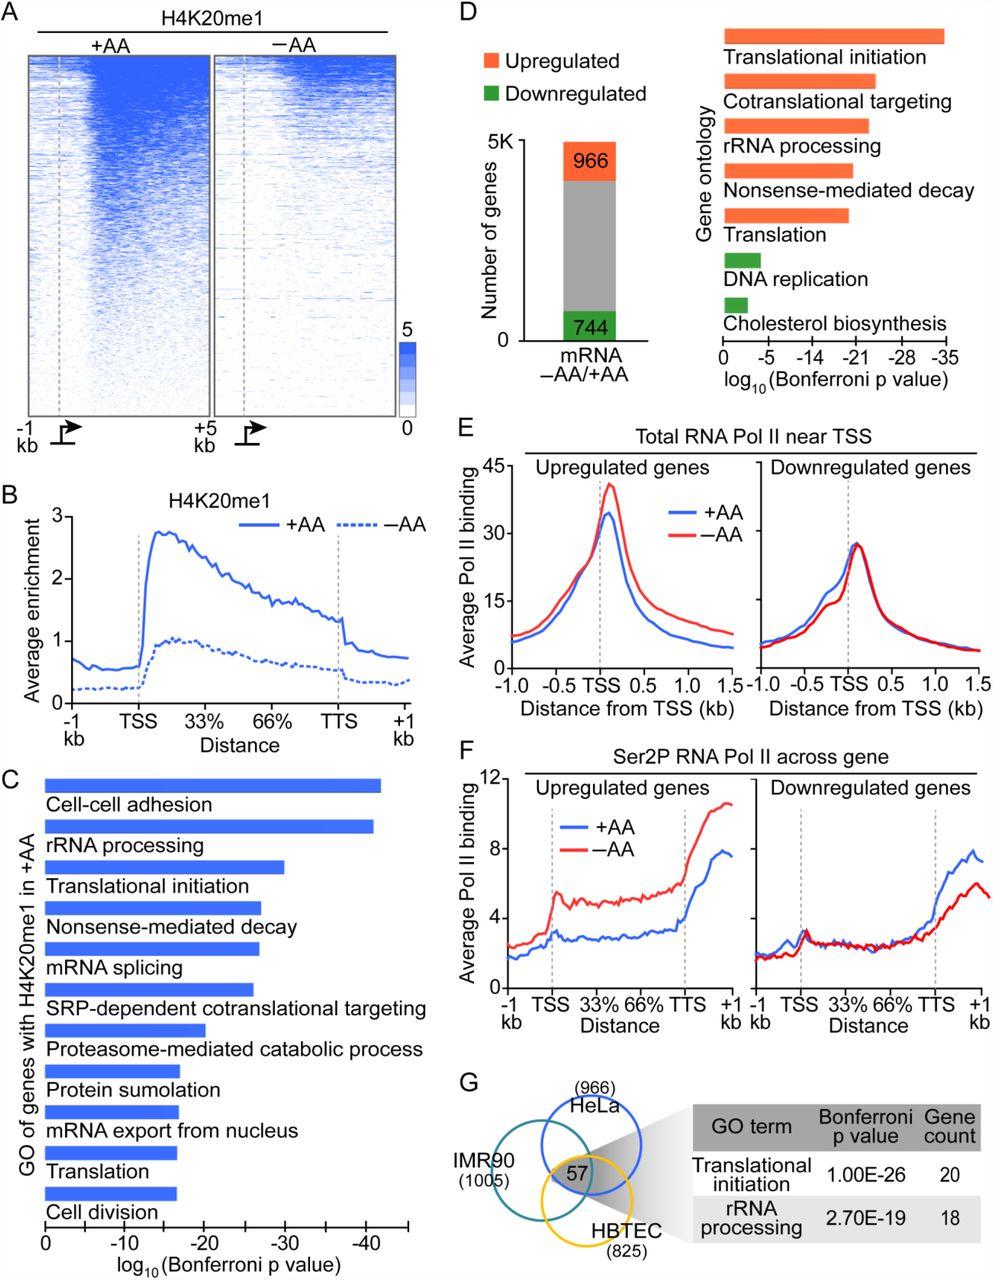 Histone demethylation and c-MYC activation enhance